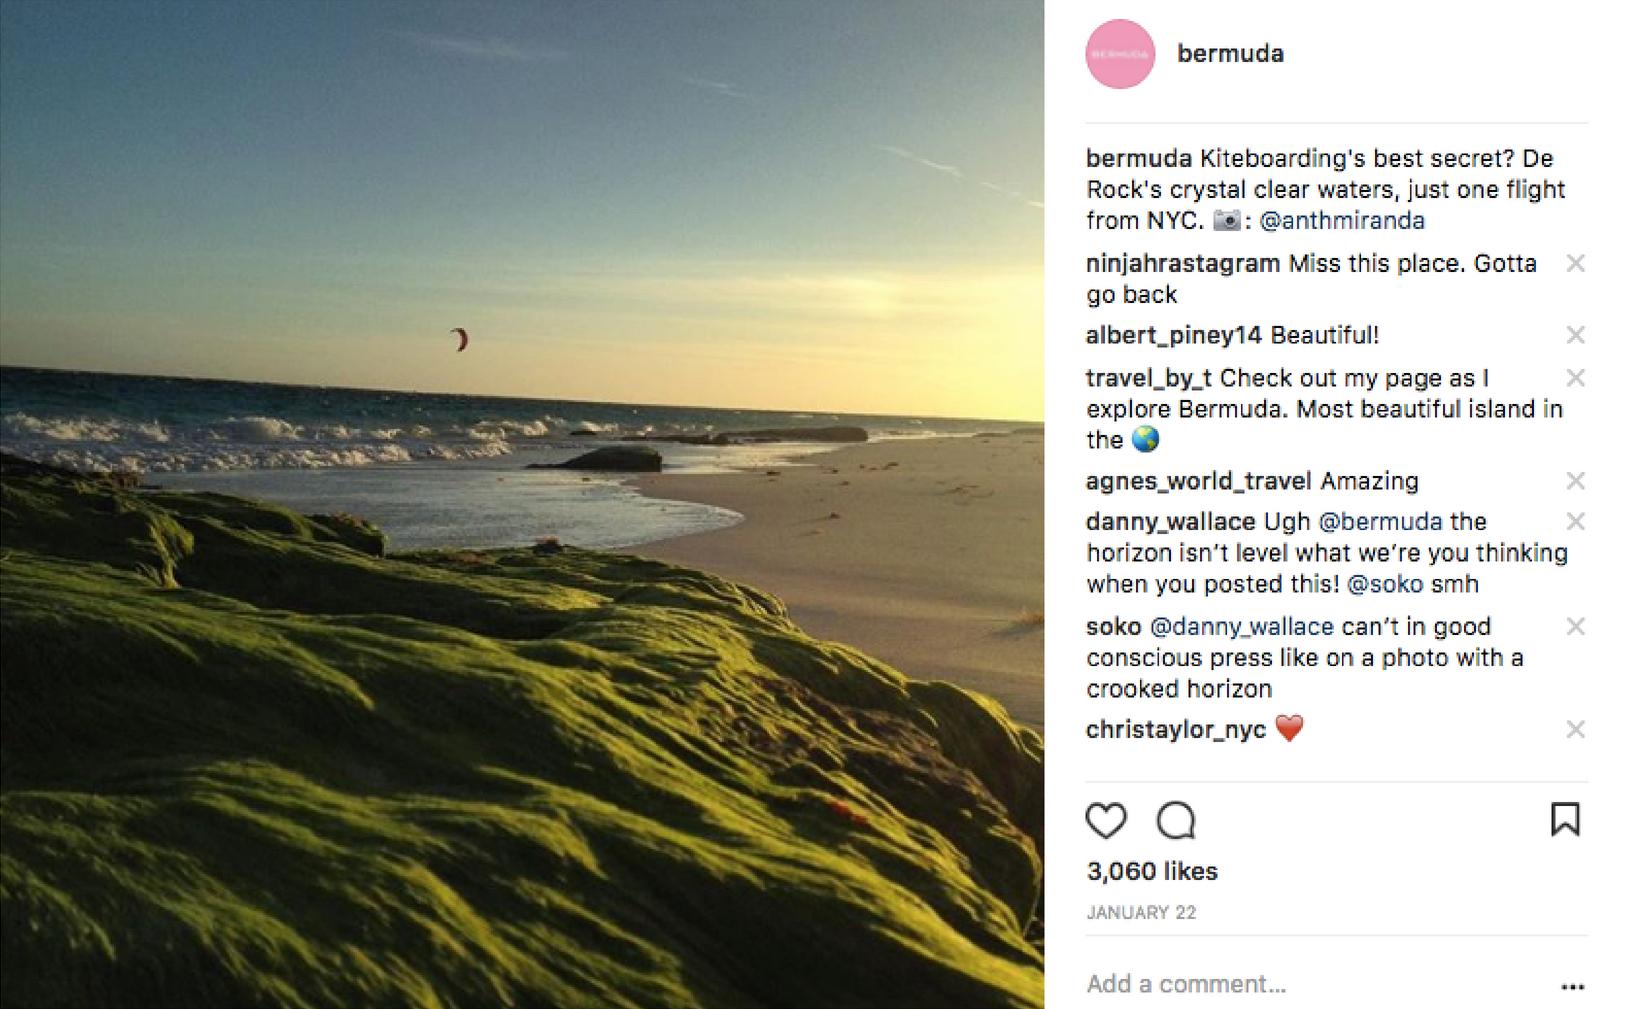 Bermuda kiteboarding Instagram